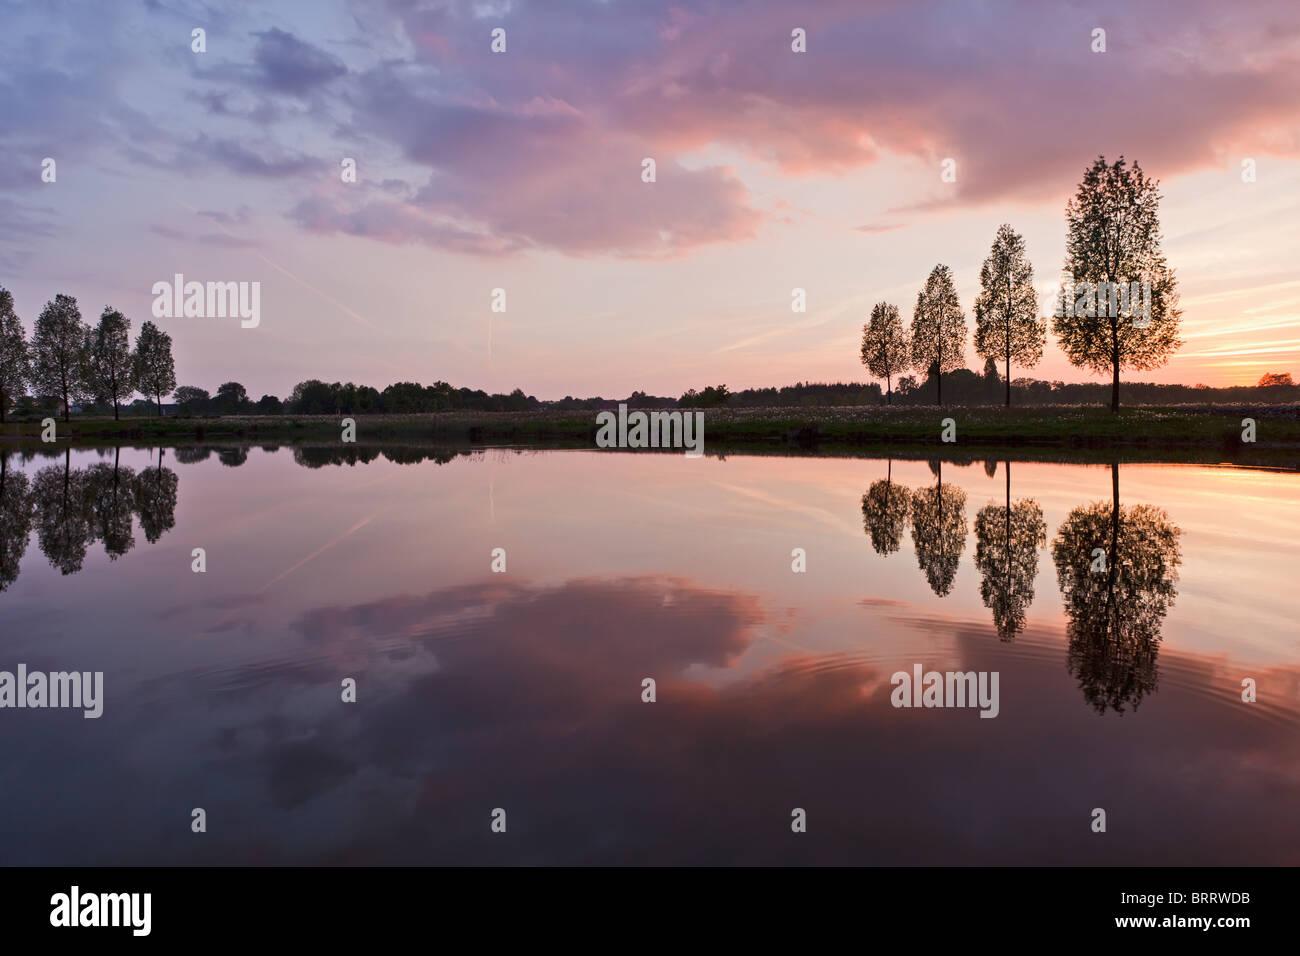 Leafless tree near lake on sunset background sky - Stock Image